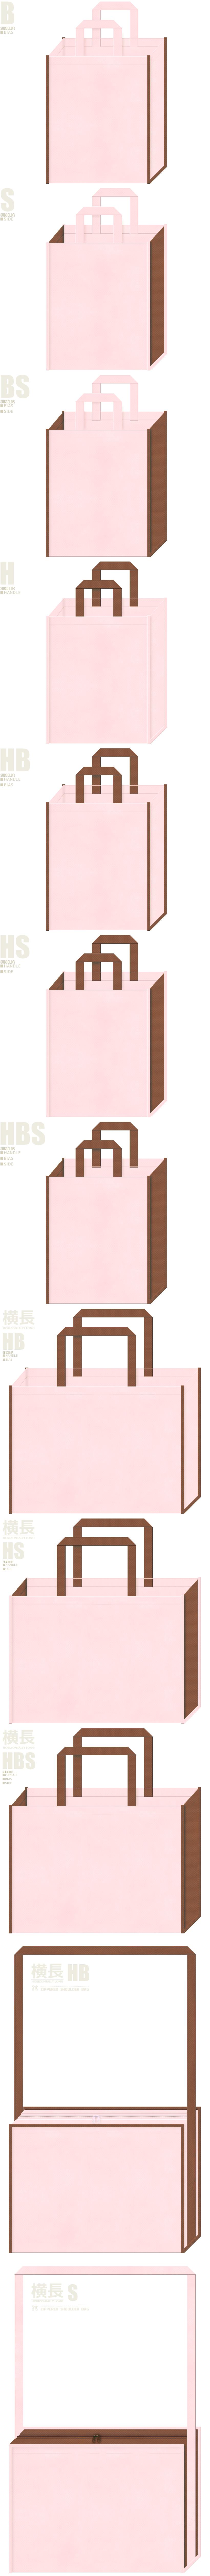 ペットショップ・ペットサロン・ペット用品・ペットフード・アニマルケア・絵本・おとぎ話・ポニー・ベアー・子犬・手芸・ぬいぐるみ・いちごチョコ・ガーリーデザインにお奨めの不織布バッグデザイン:桜色と茶色の配色7パターン。